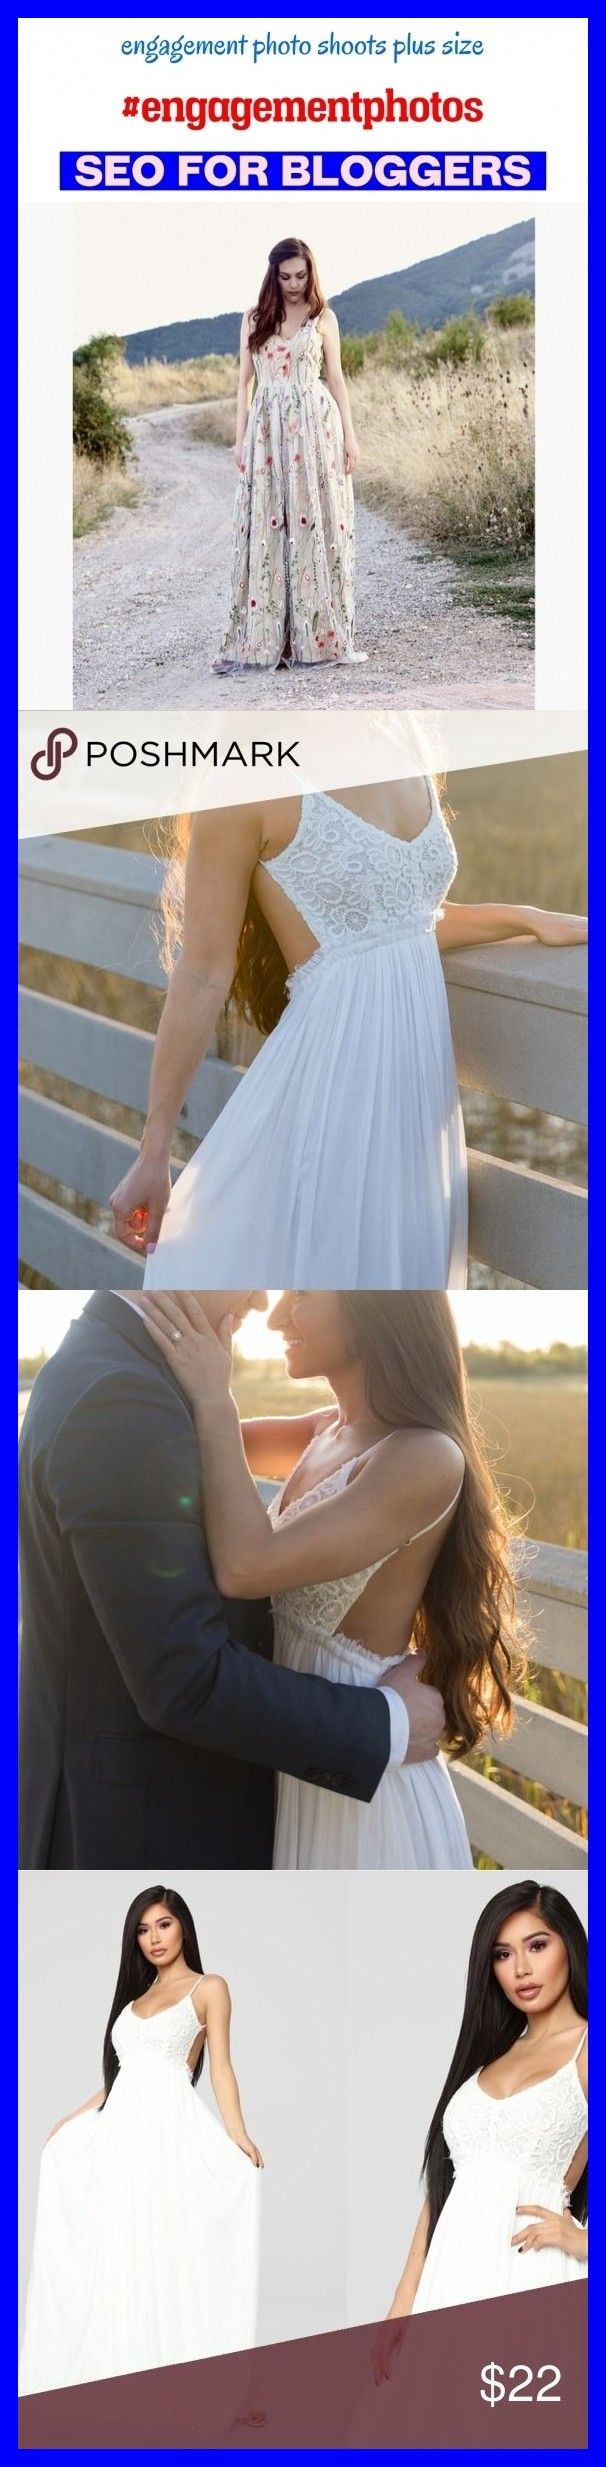 Photo of Engagement photo shoots plus size #engagementphotos #pinterestkeywords #weddings…